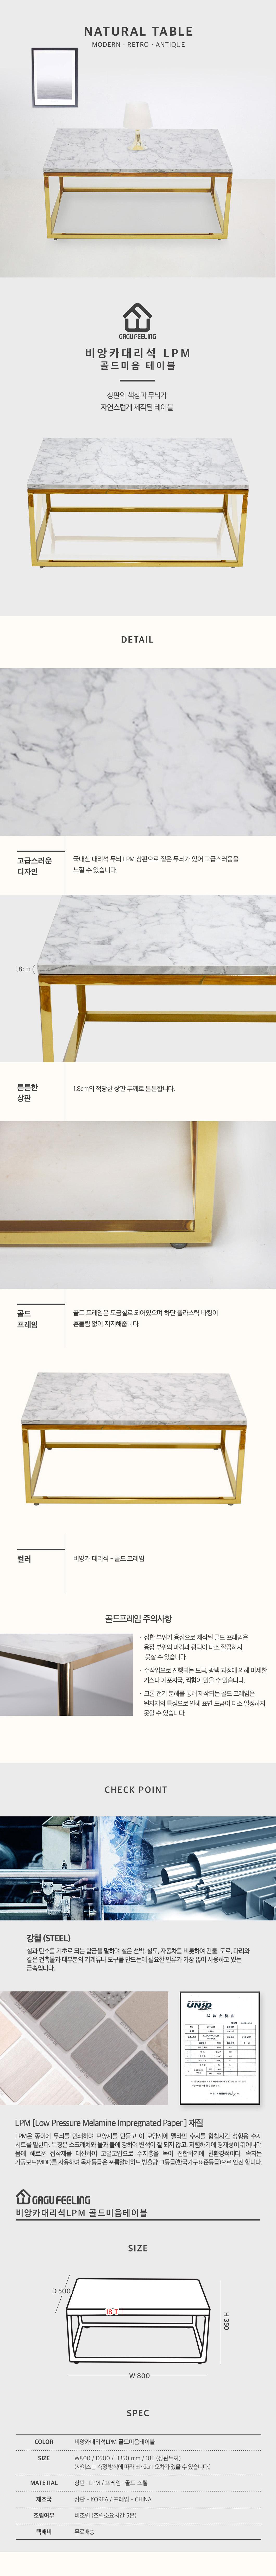 비앙카대리석LPM 골드미음테이블 - 가구느낌, 124,000원, 거실 테이블, 소파테이블